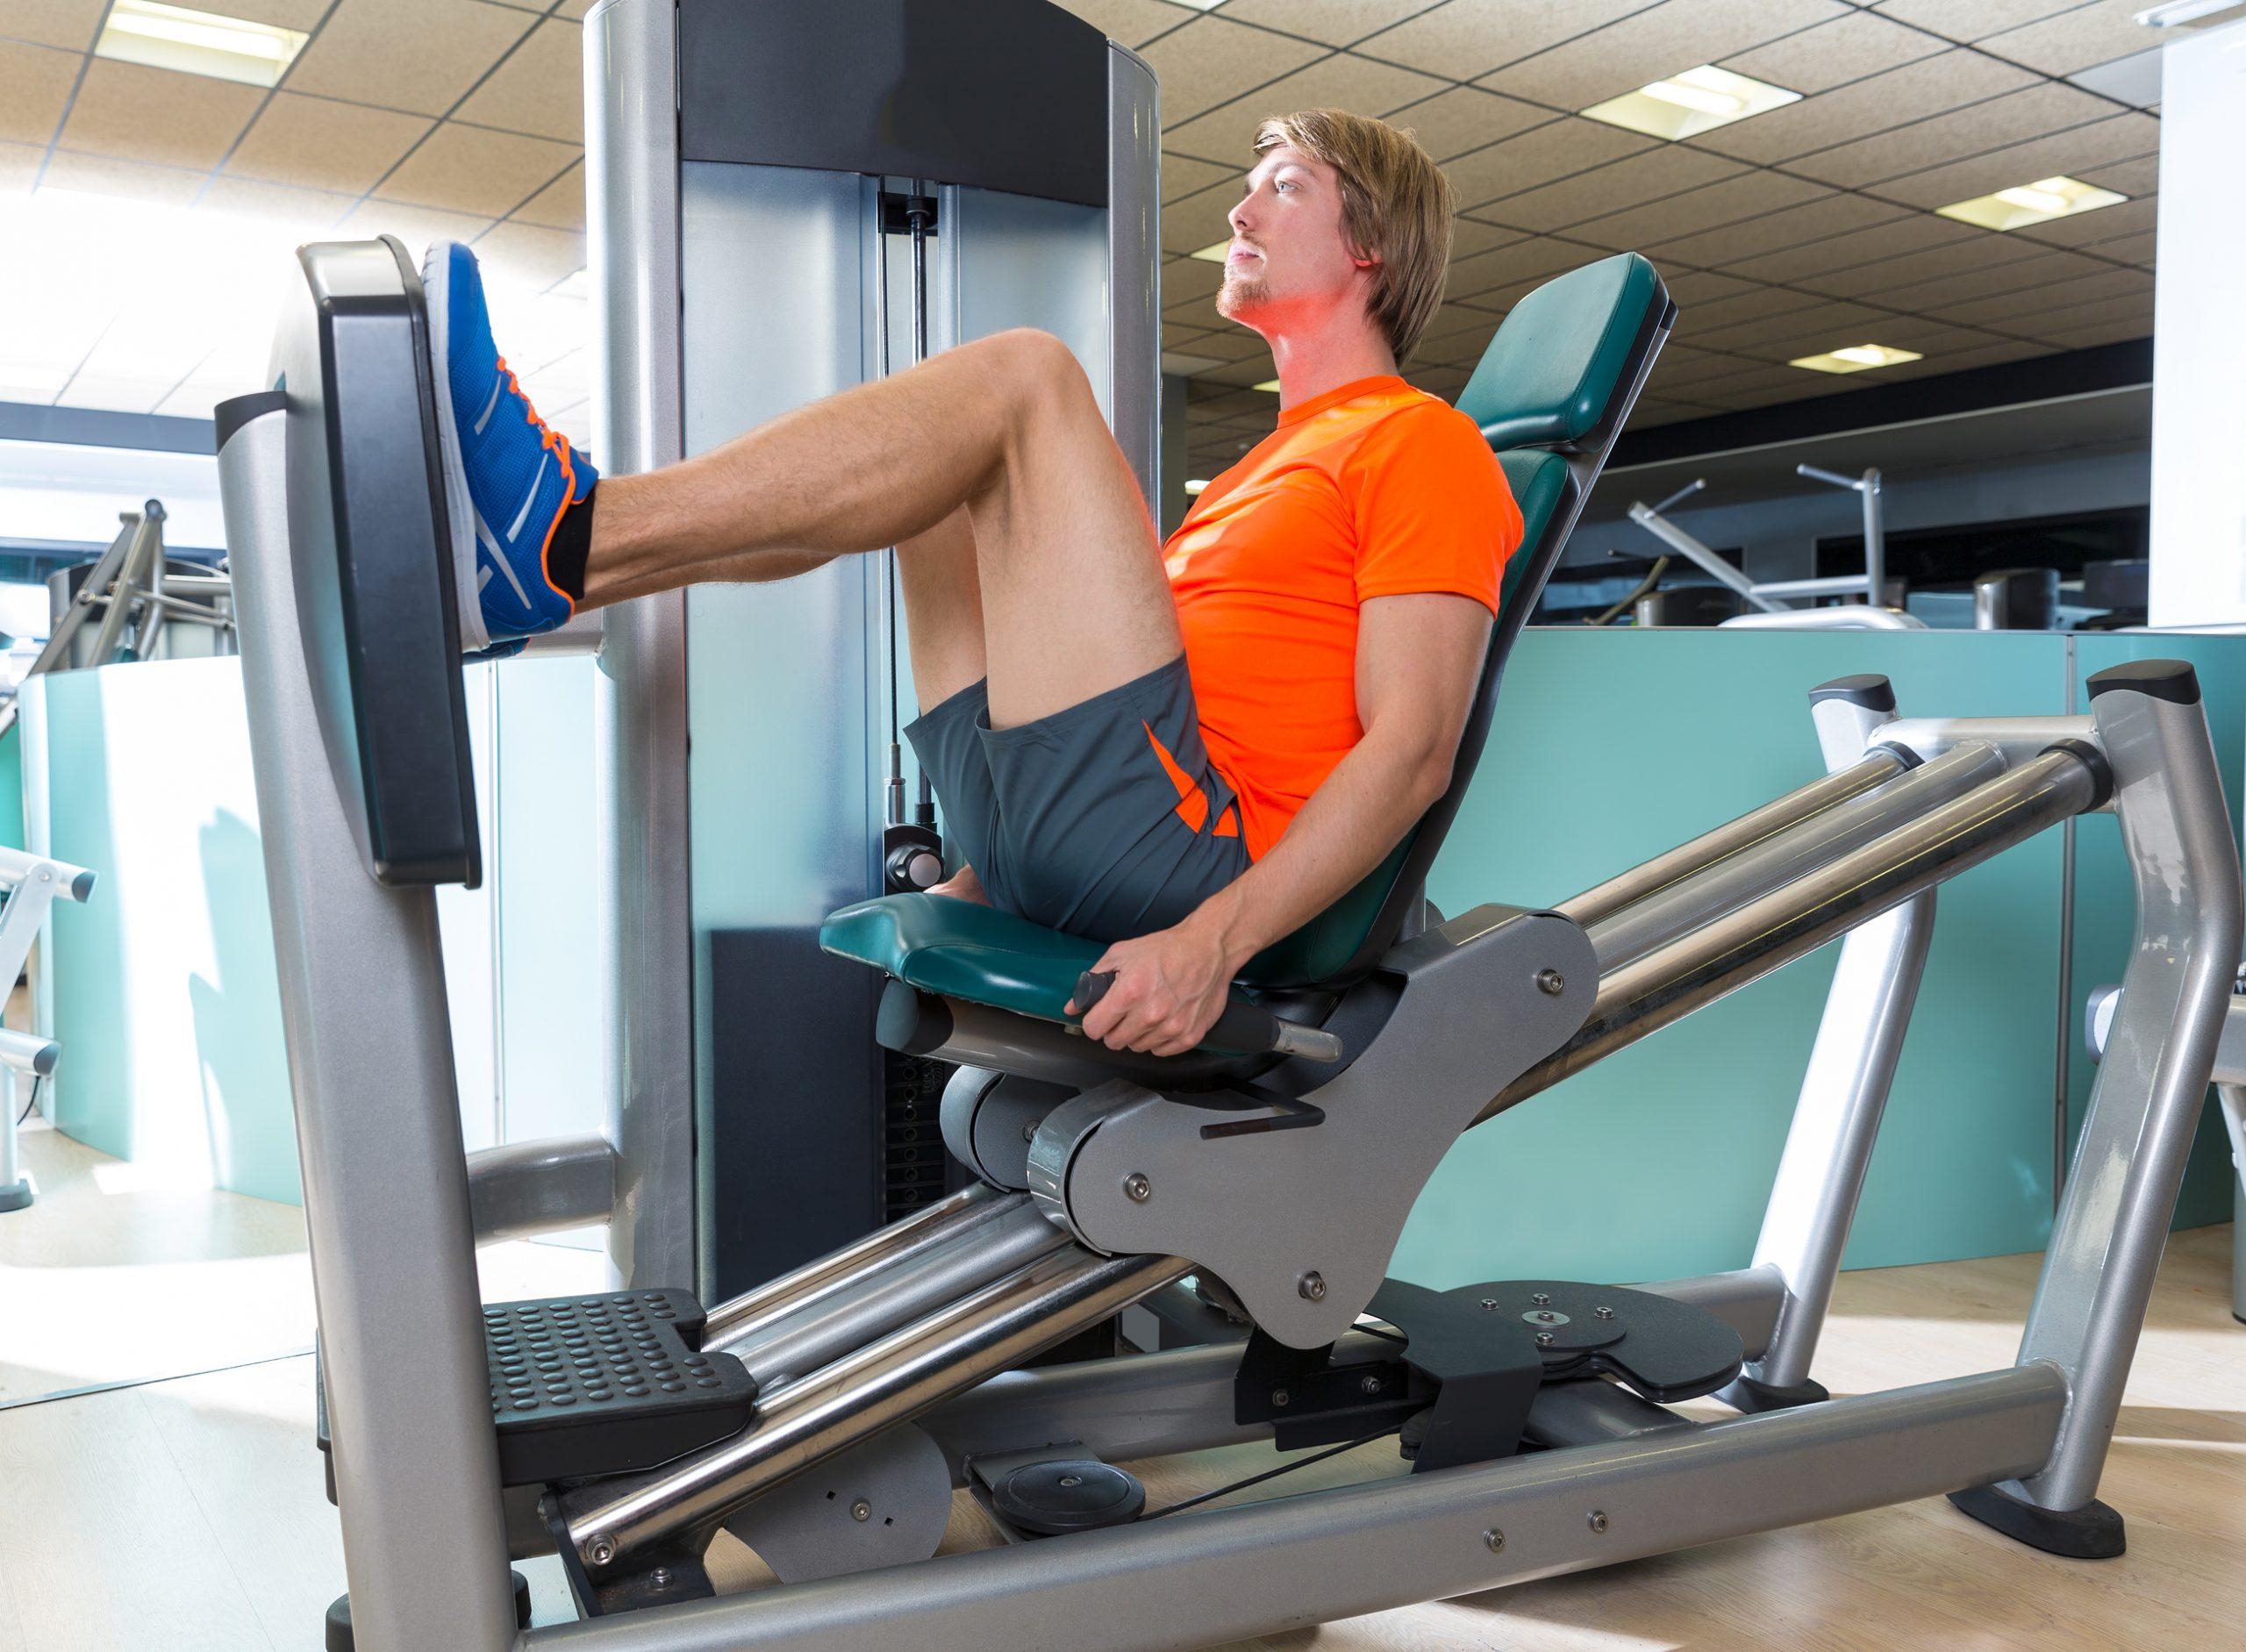 Mann trener beinpress i treningsapparat